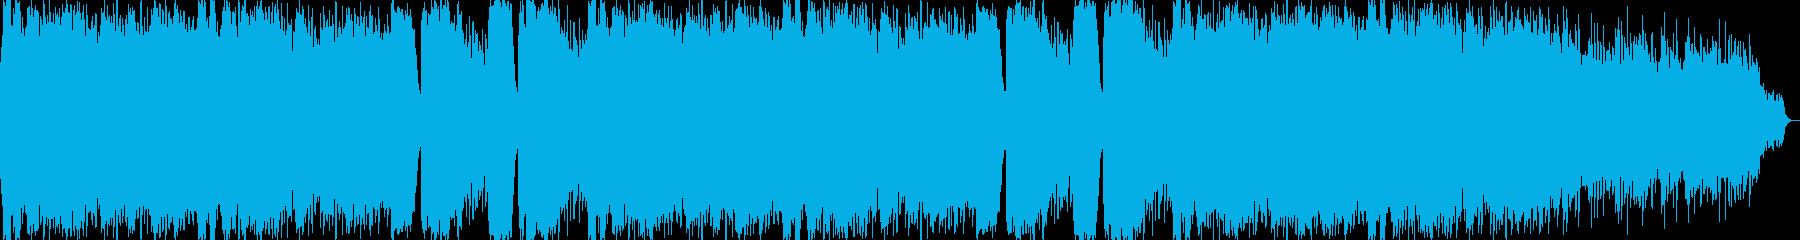 きれいなリラクゼーションミュージックの再生済みの波形